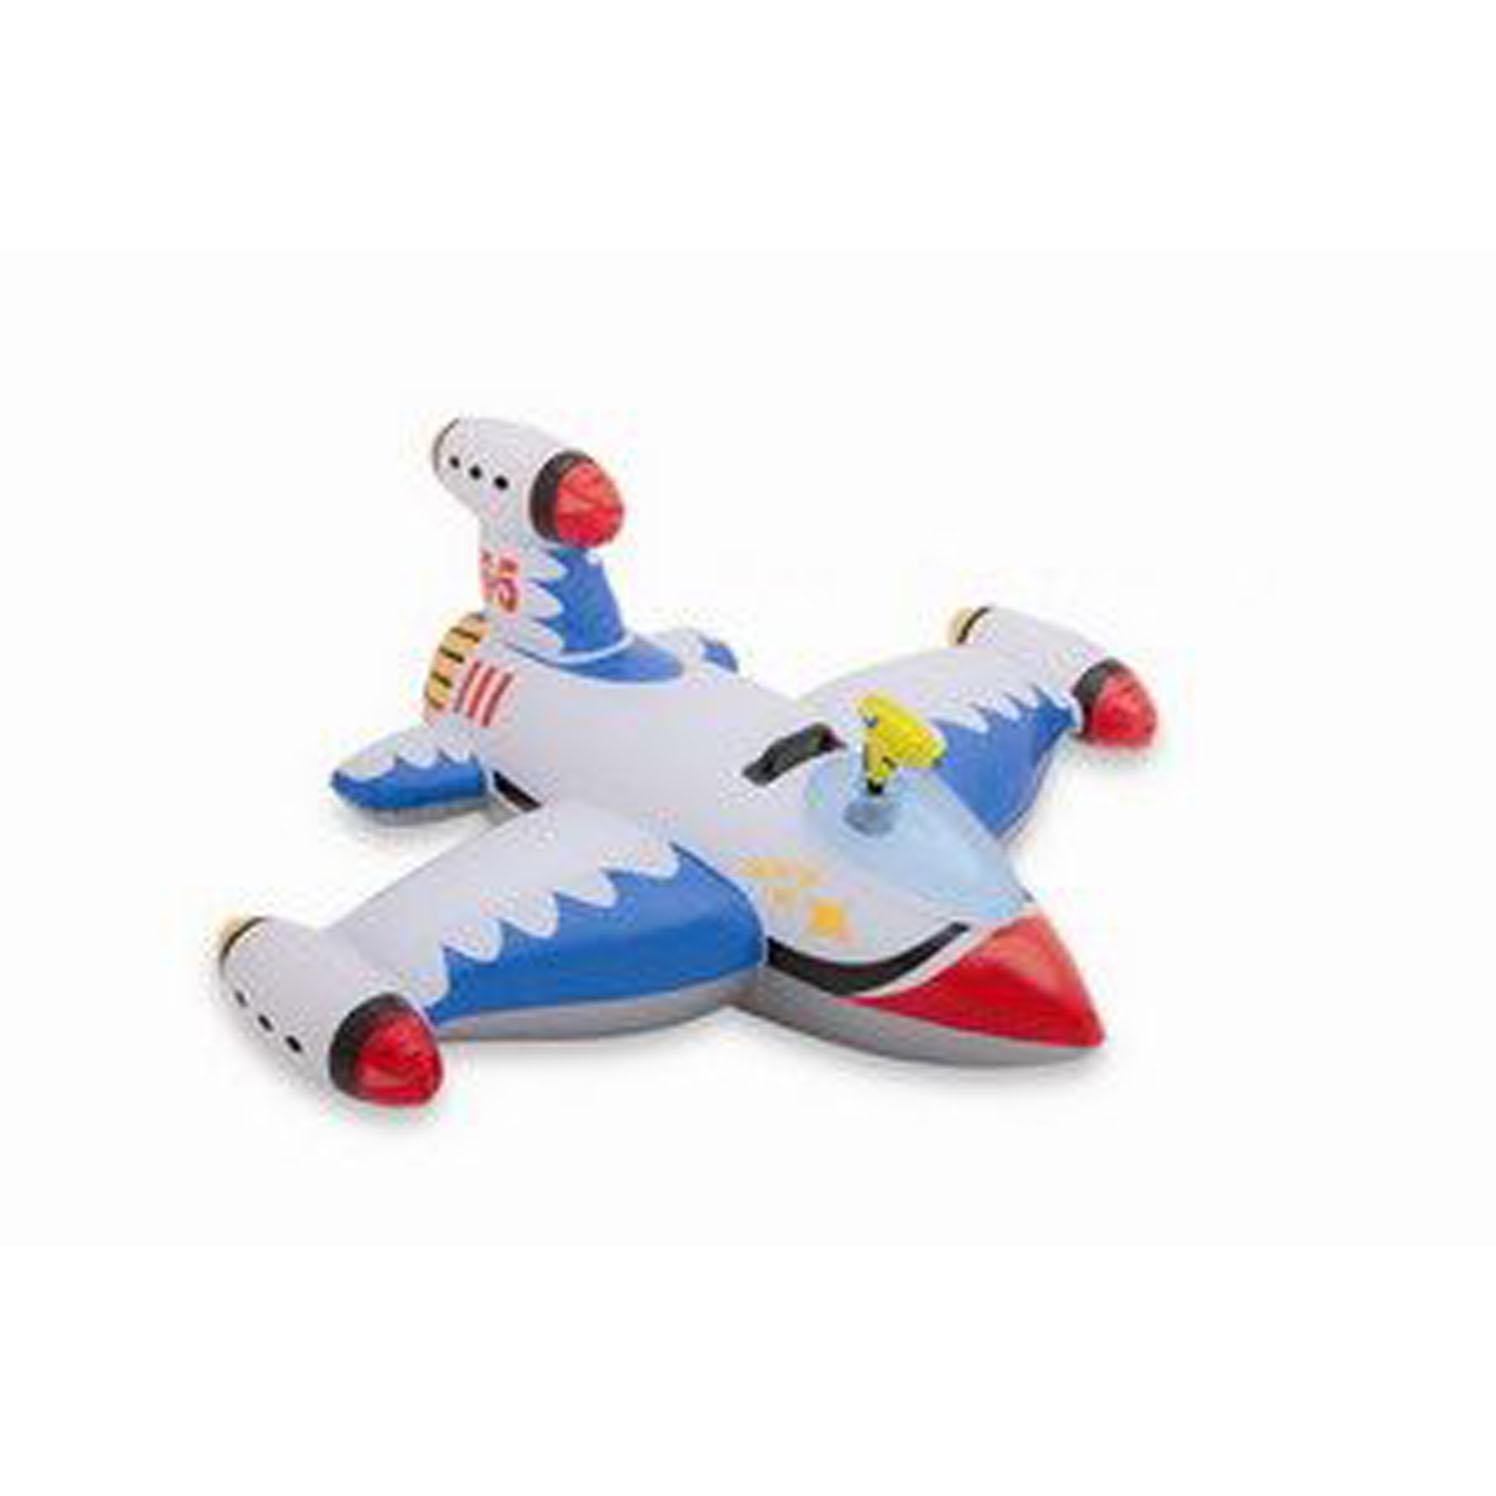 Самолет космический, надувной  для катания детейНадувные животные, круги и матрацы<br>Самолет космический, надувной  для катания детей<br>